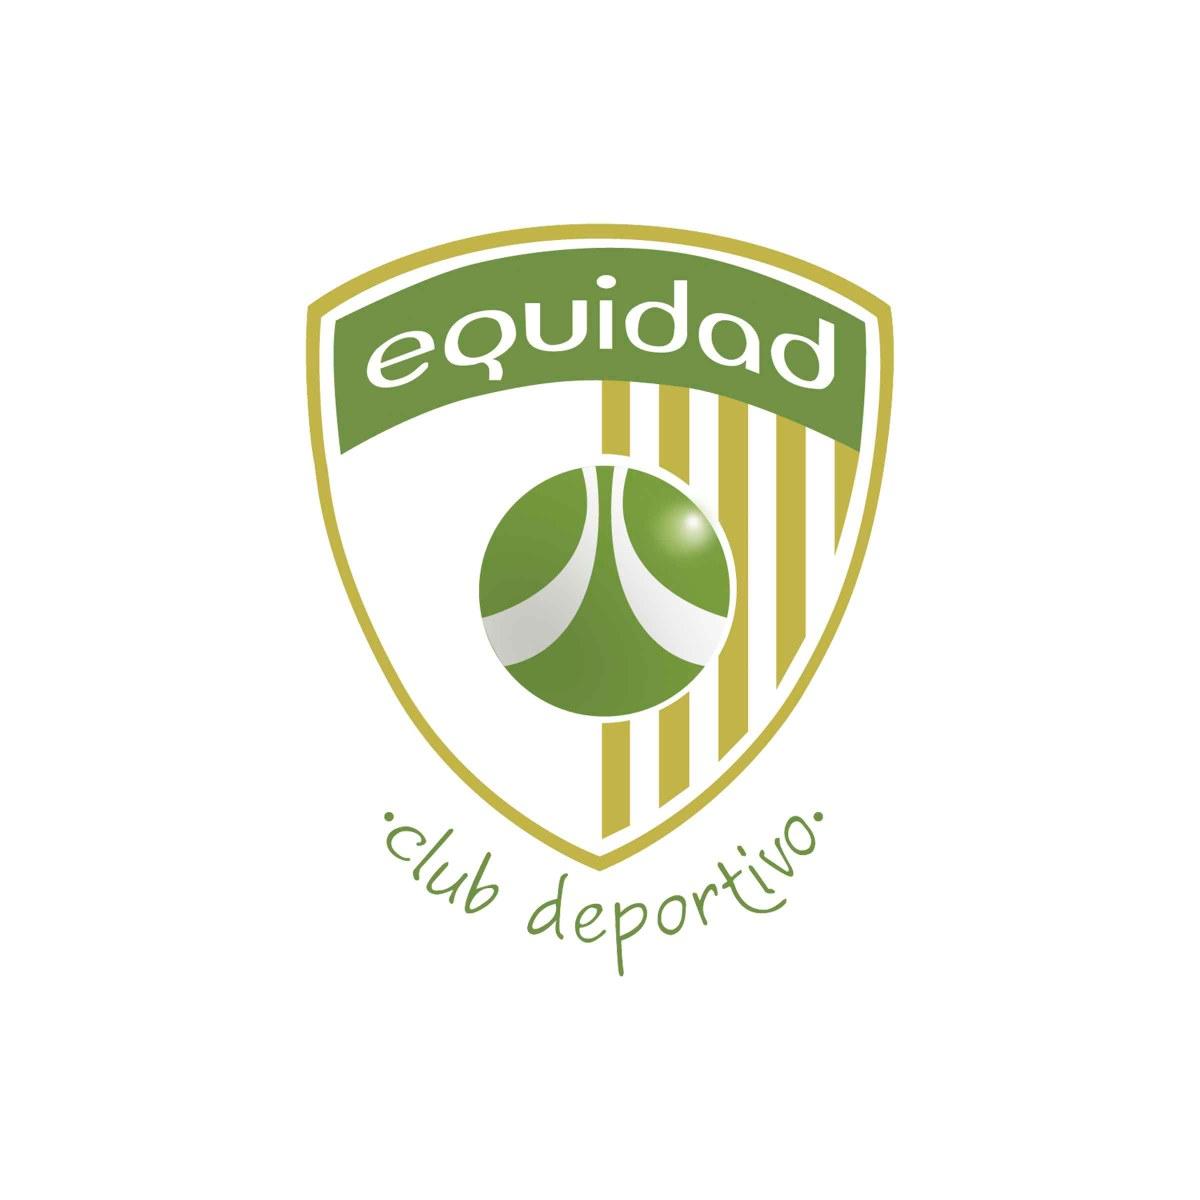 Equidad-1